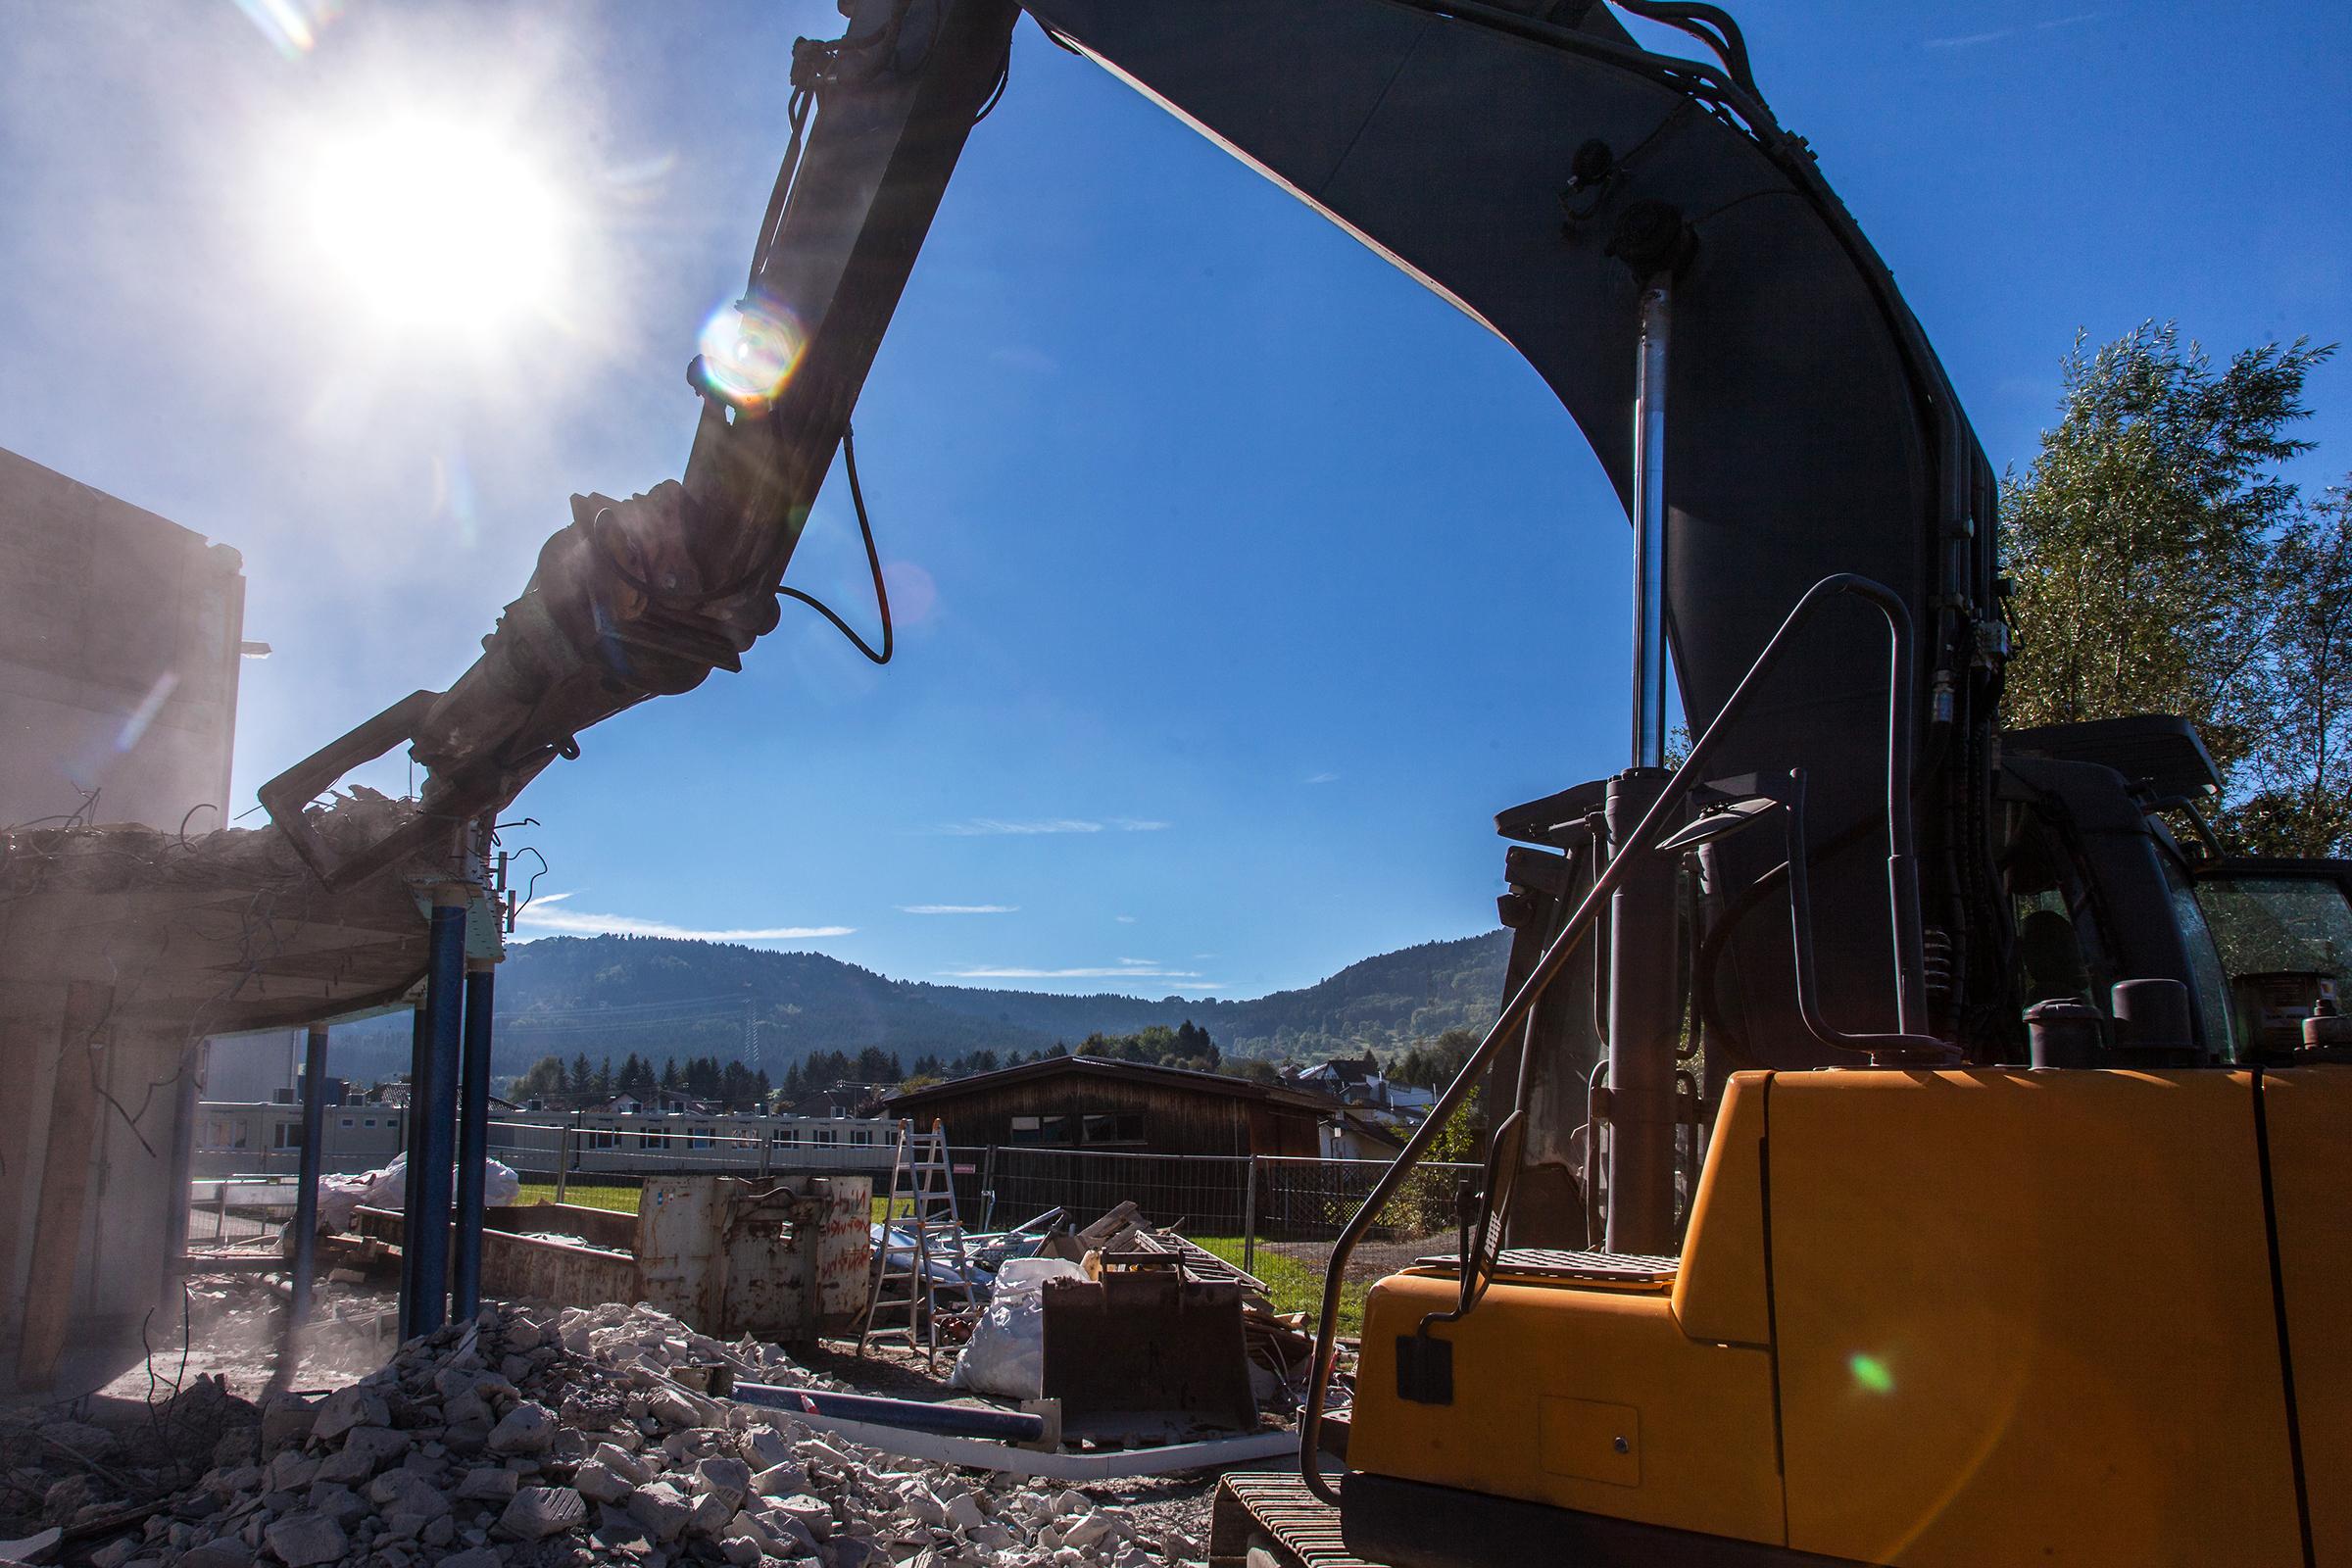 Betonrückbau durch die Beton-Profis von K&S in der Rottweiler Umgebung